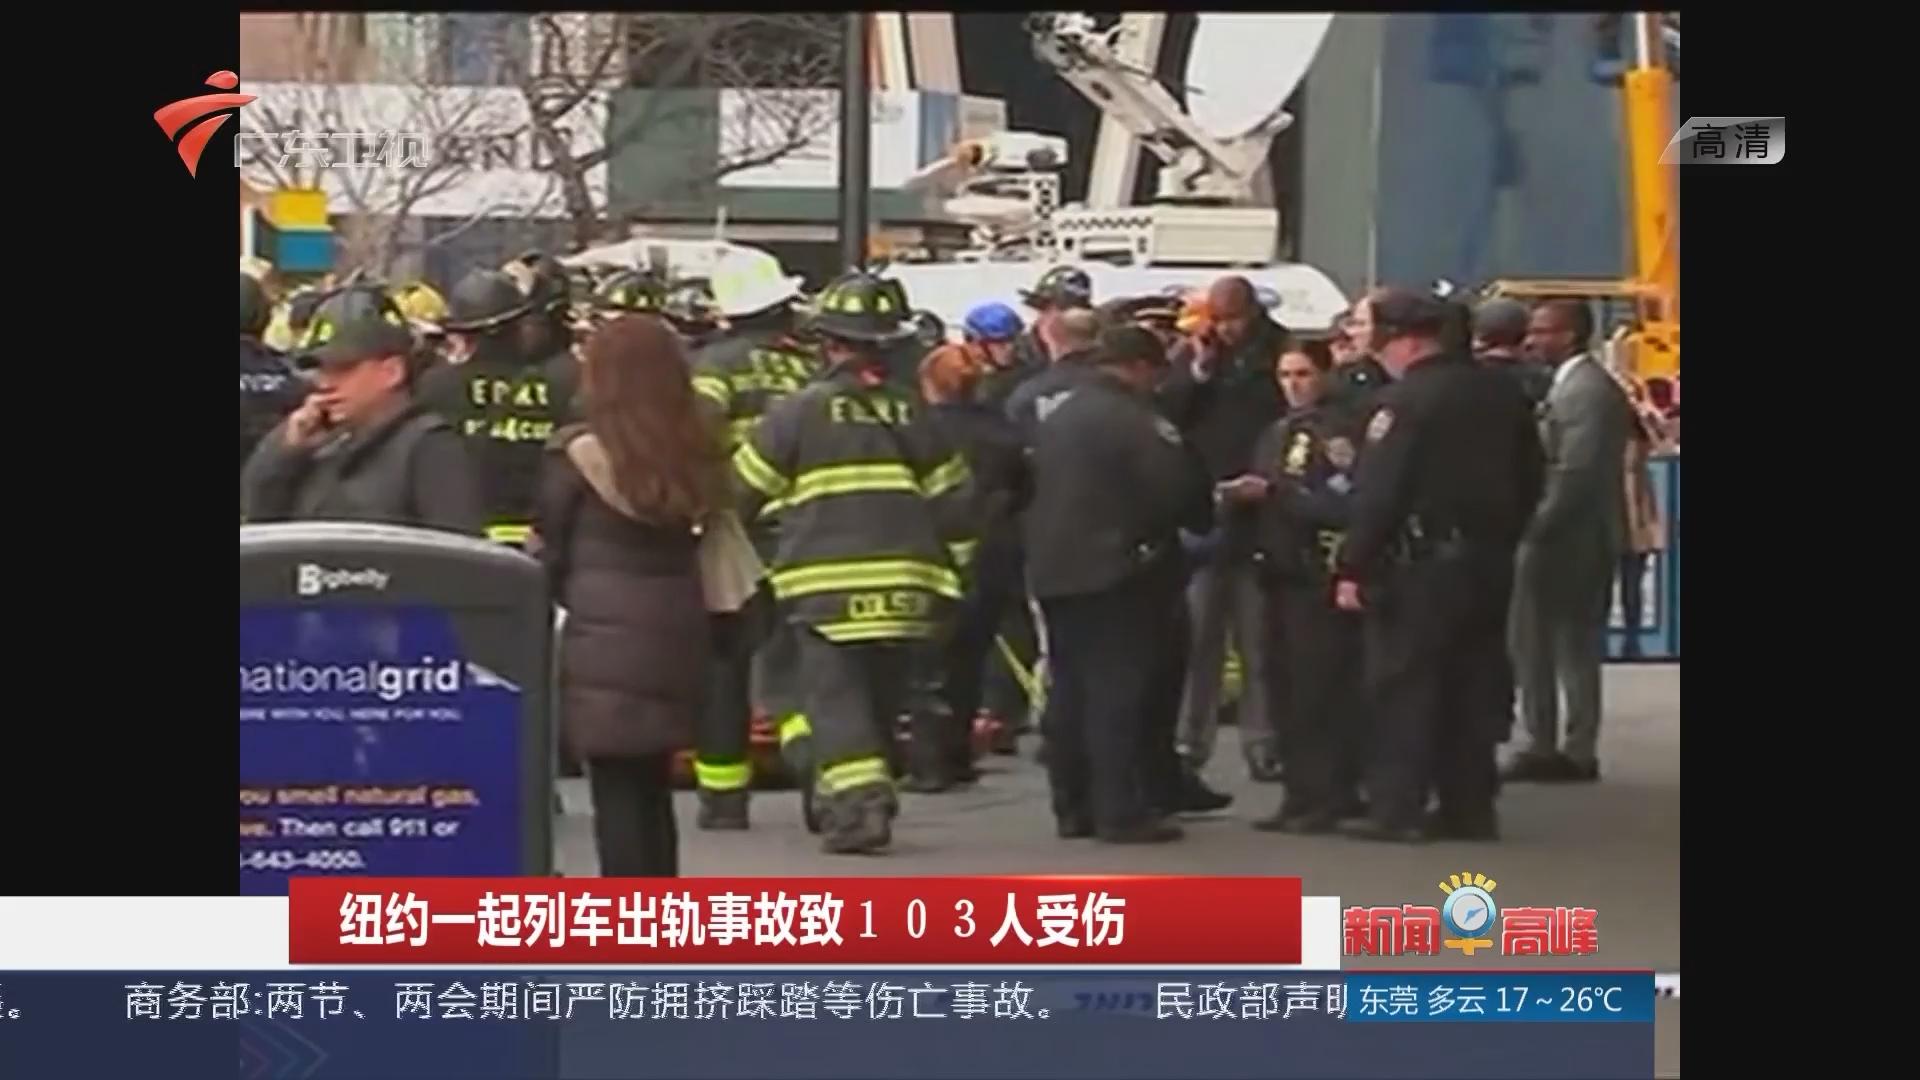 纽约一起列车出轨事故致103人受伤